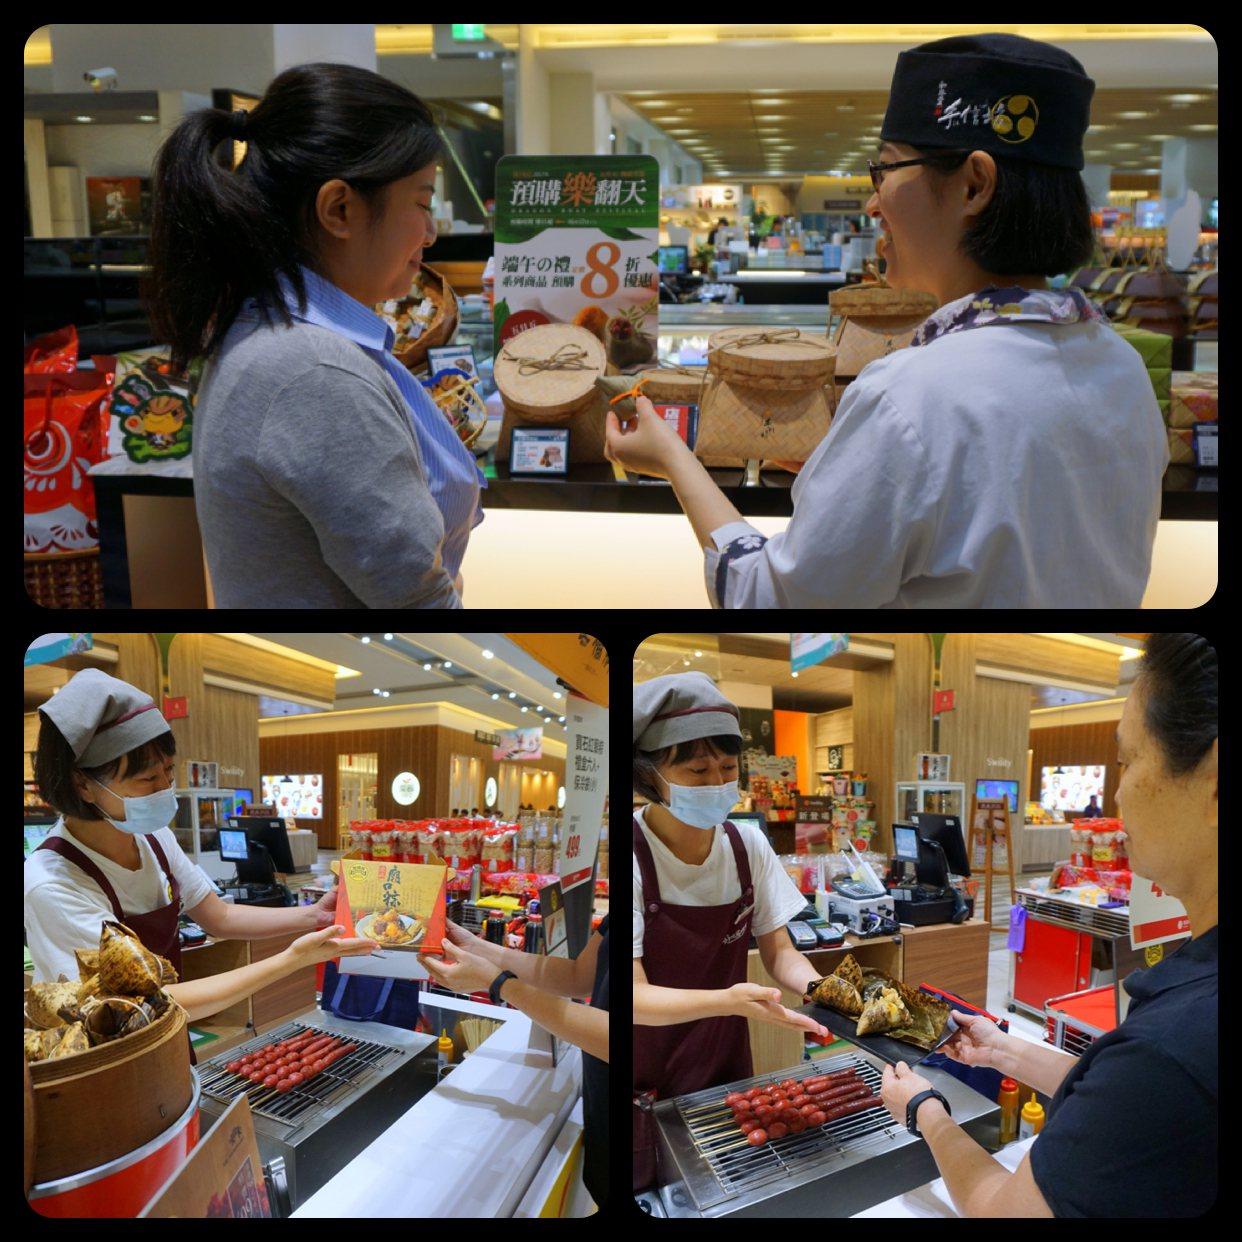 南紡購物中心即日起至6月7日,舉辦「情有獨粽推薦禮」活動。圖/南紡購物中心提供